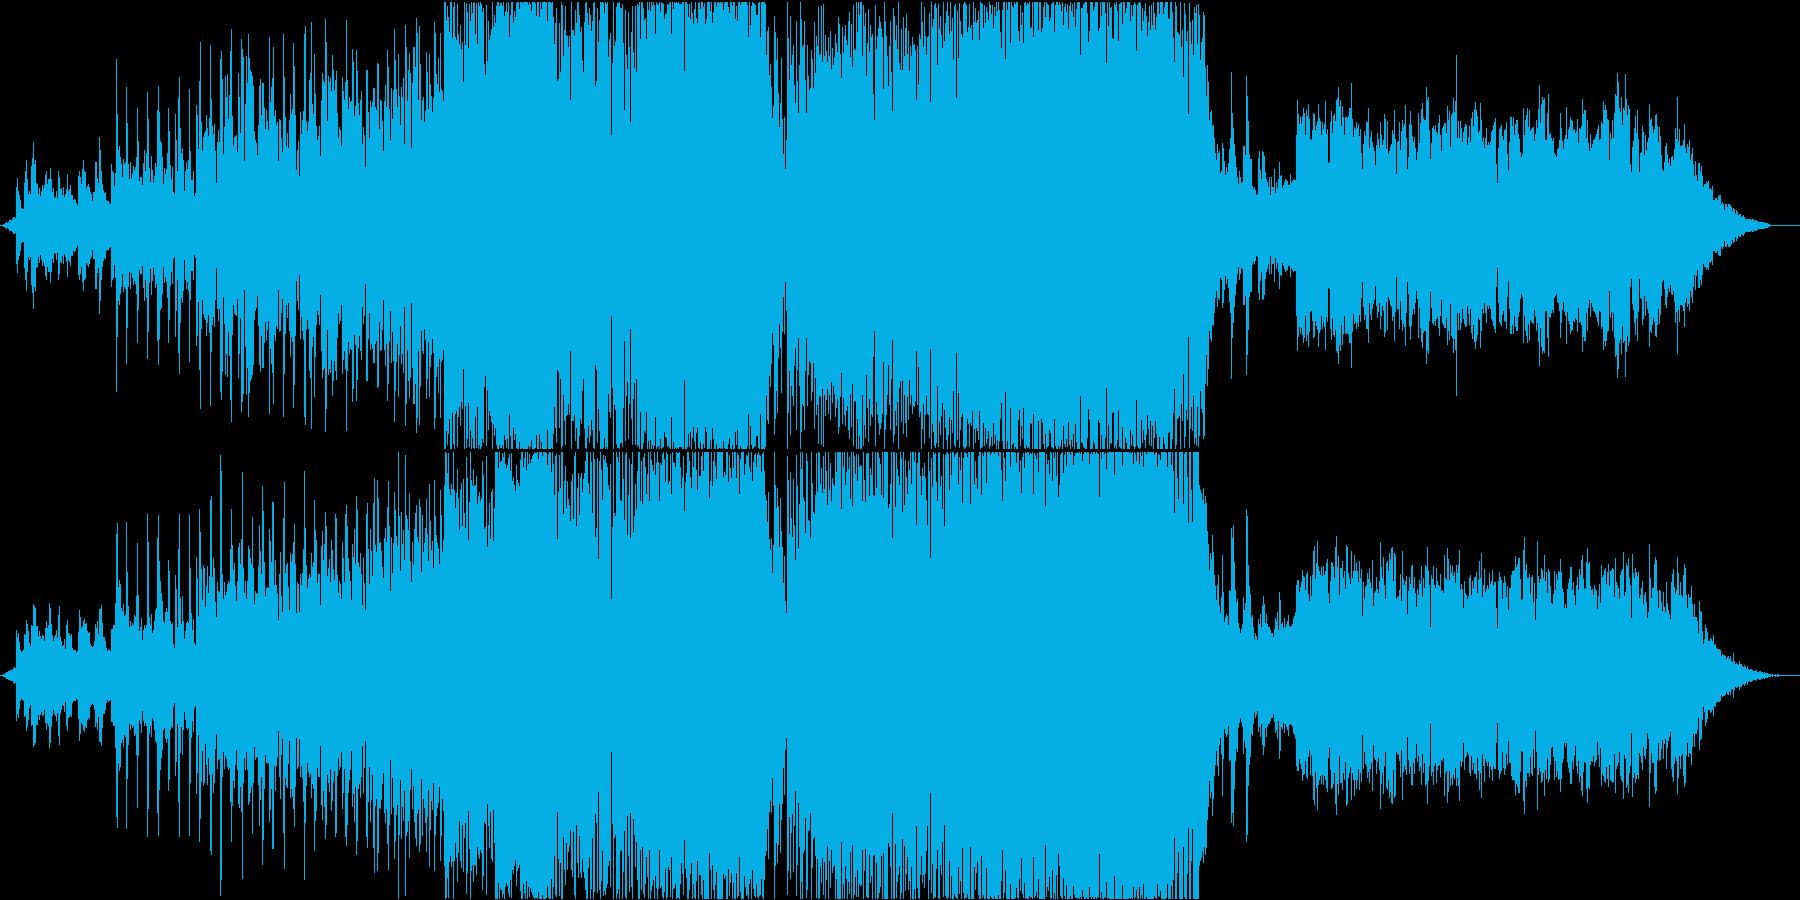 人気超豪華Xmasメドレー ギター生演奏の再生済みの波形